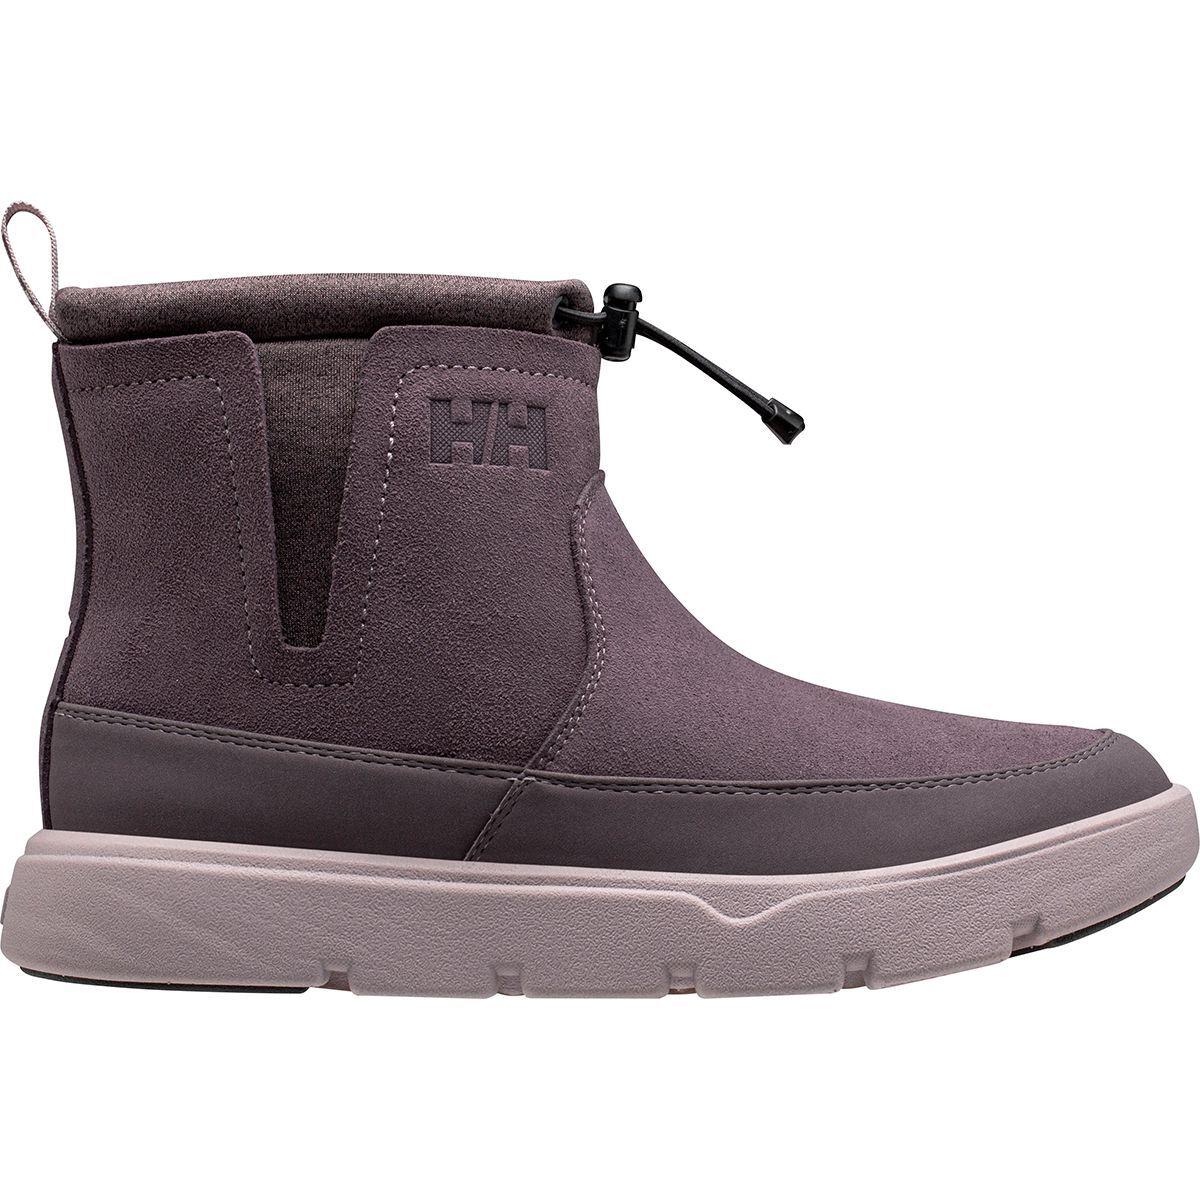 Helly Hansen Damen Adore Boot Schuhe Grau 39